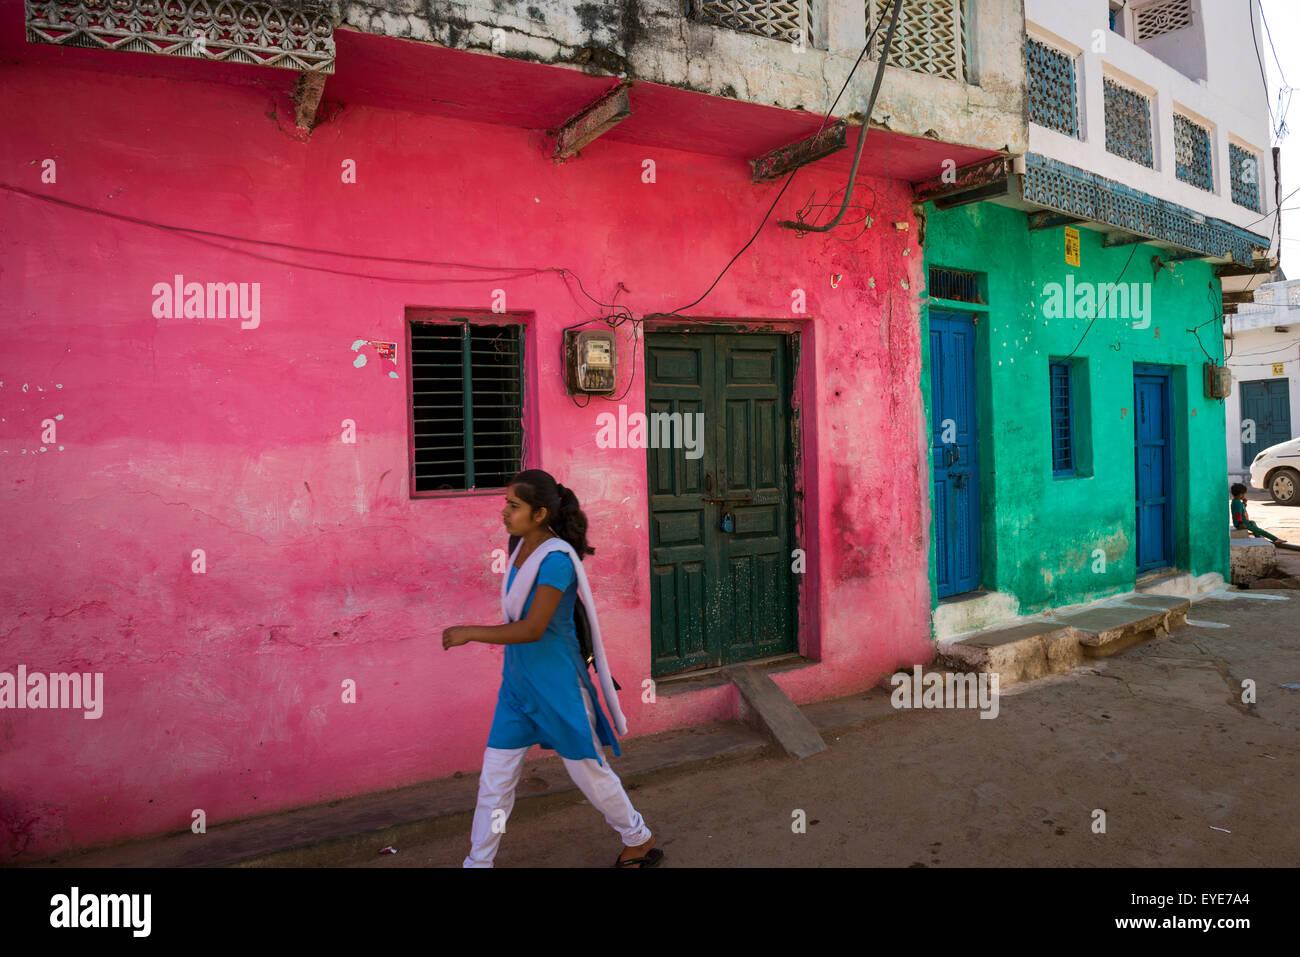 Junge indische Frau zu Fuß vorbei an bunten Häusern im alten Dorf von Khajuraho, Madhya Pradesh, Indien Stockbild